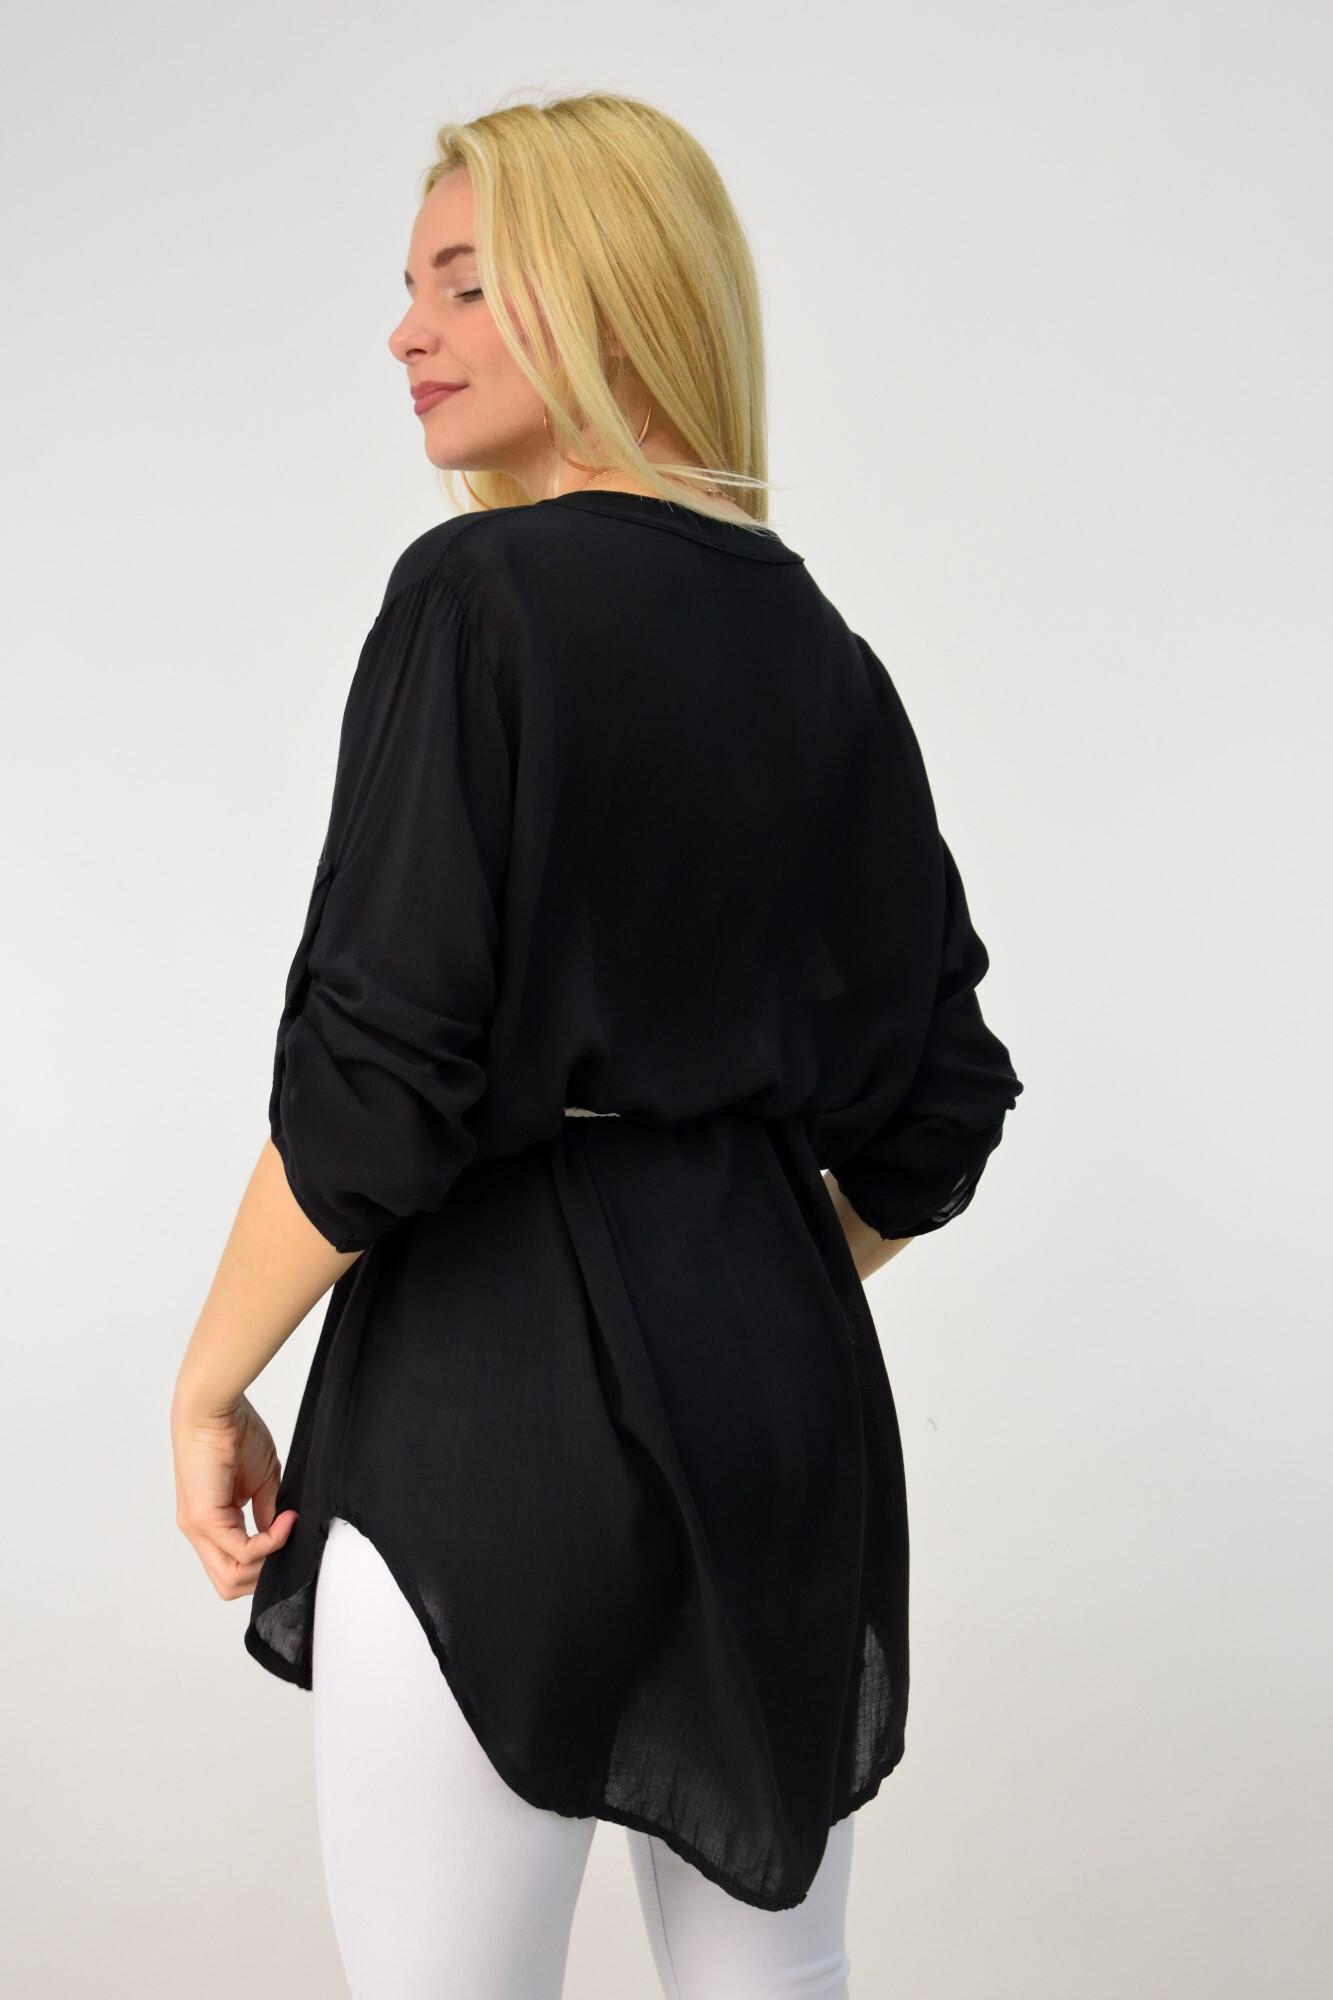 abd8a940ceab Γυναικεία αέρινη πουκαμίσα με ζώνη